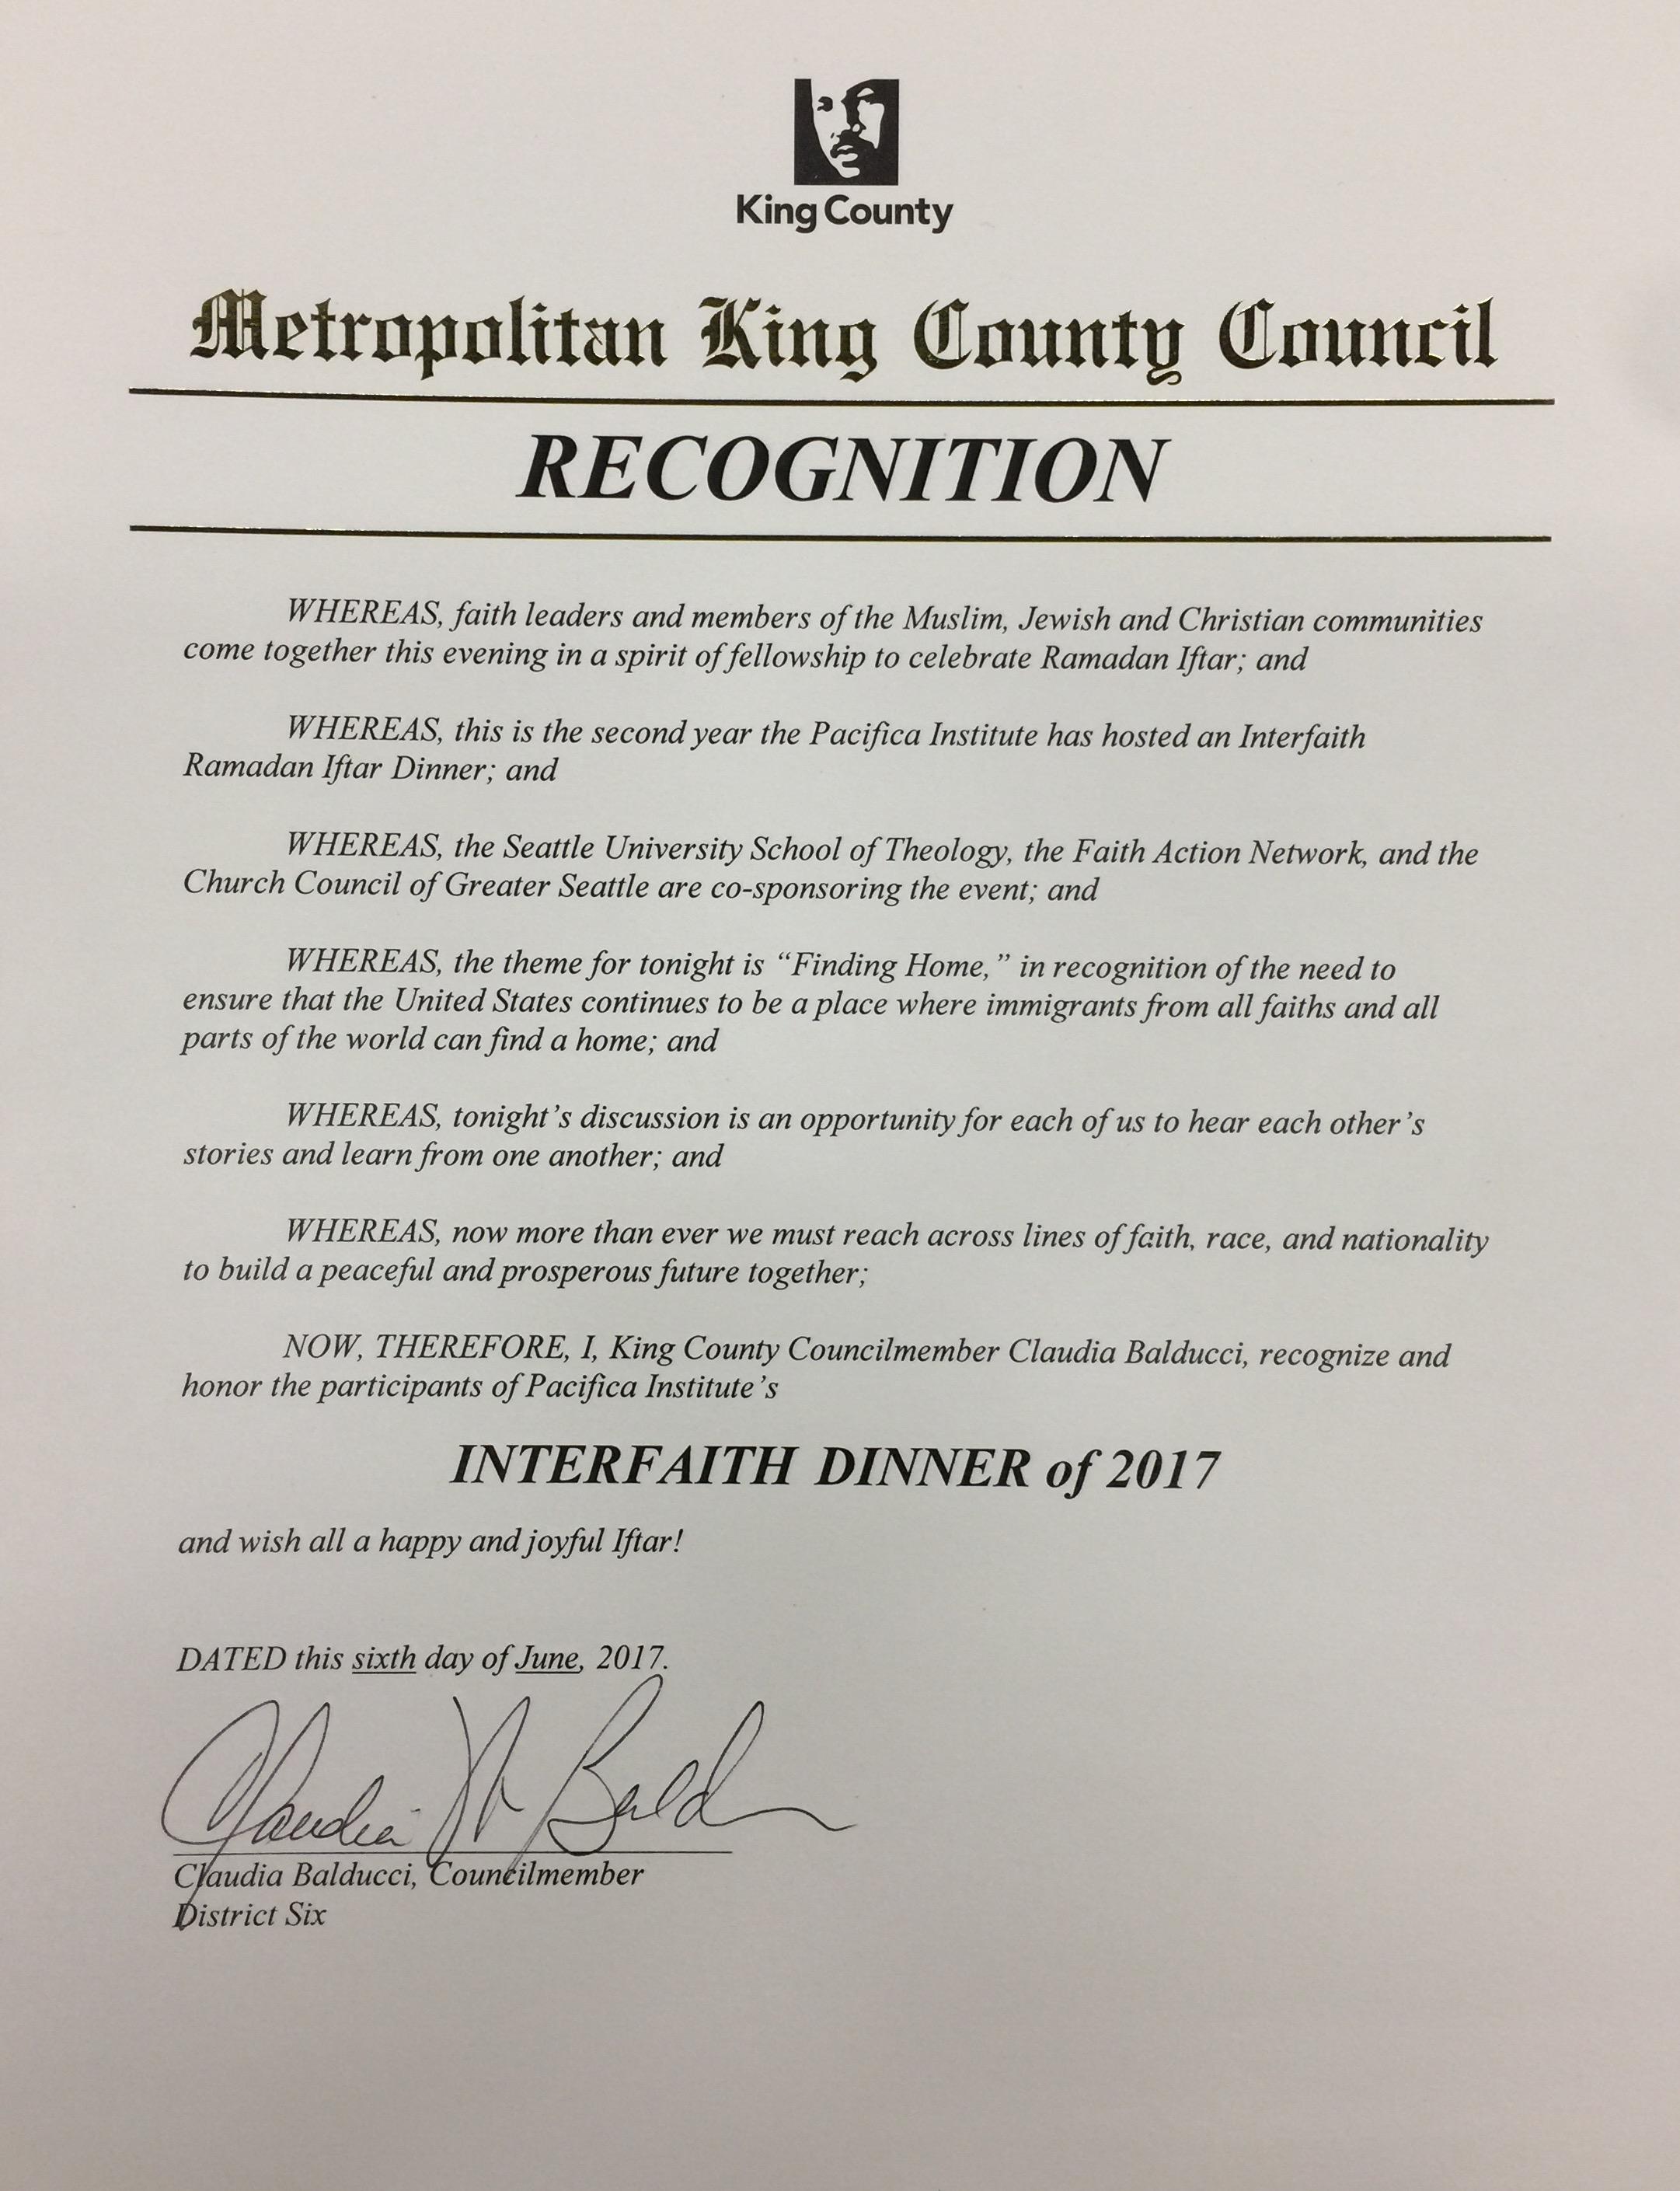 Metropolitan King County Council